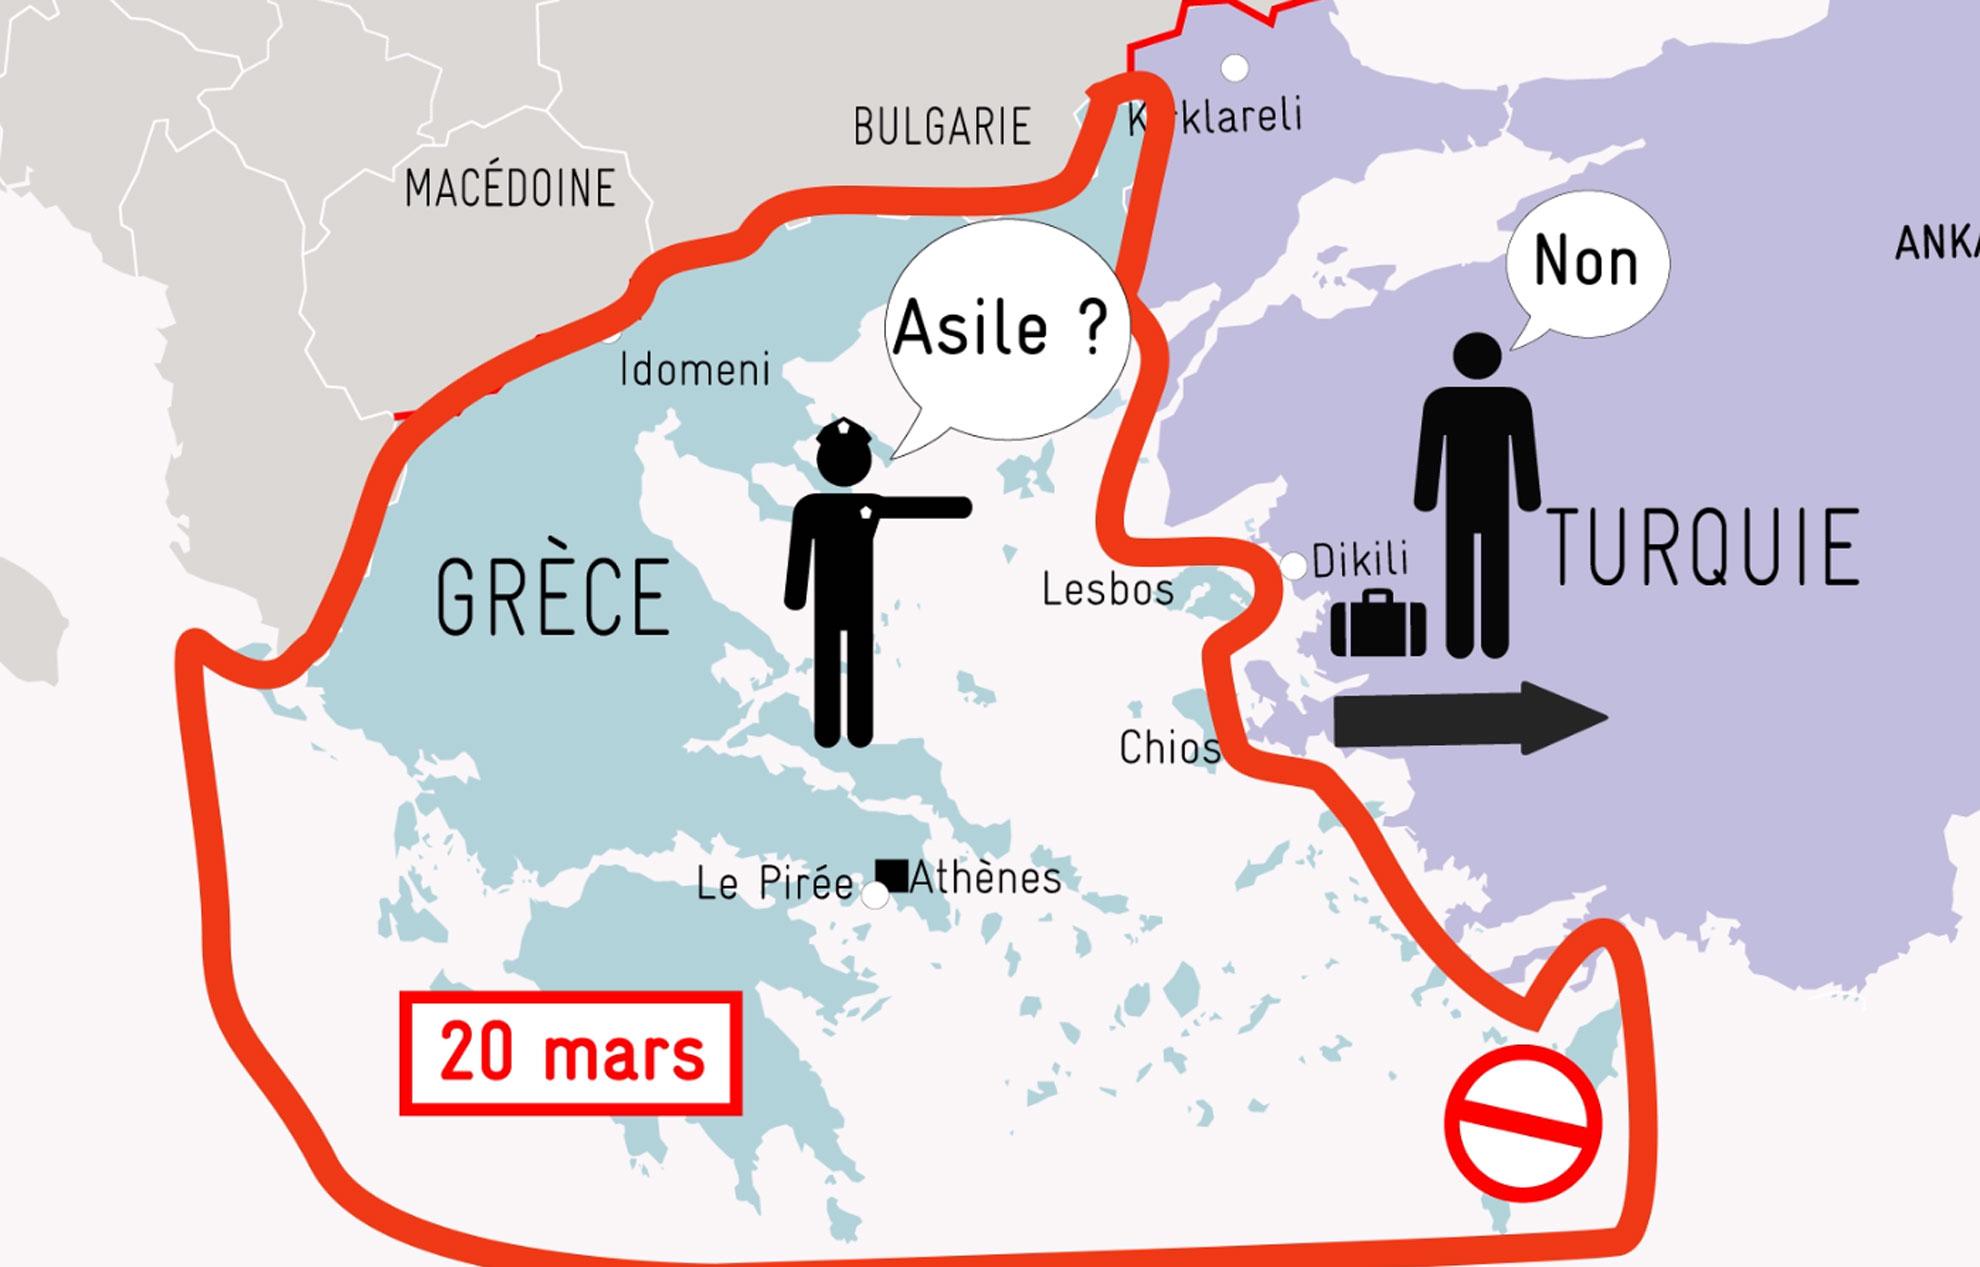 L'UE doit abandonner le double standard face à la Turquie